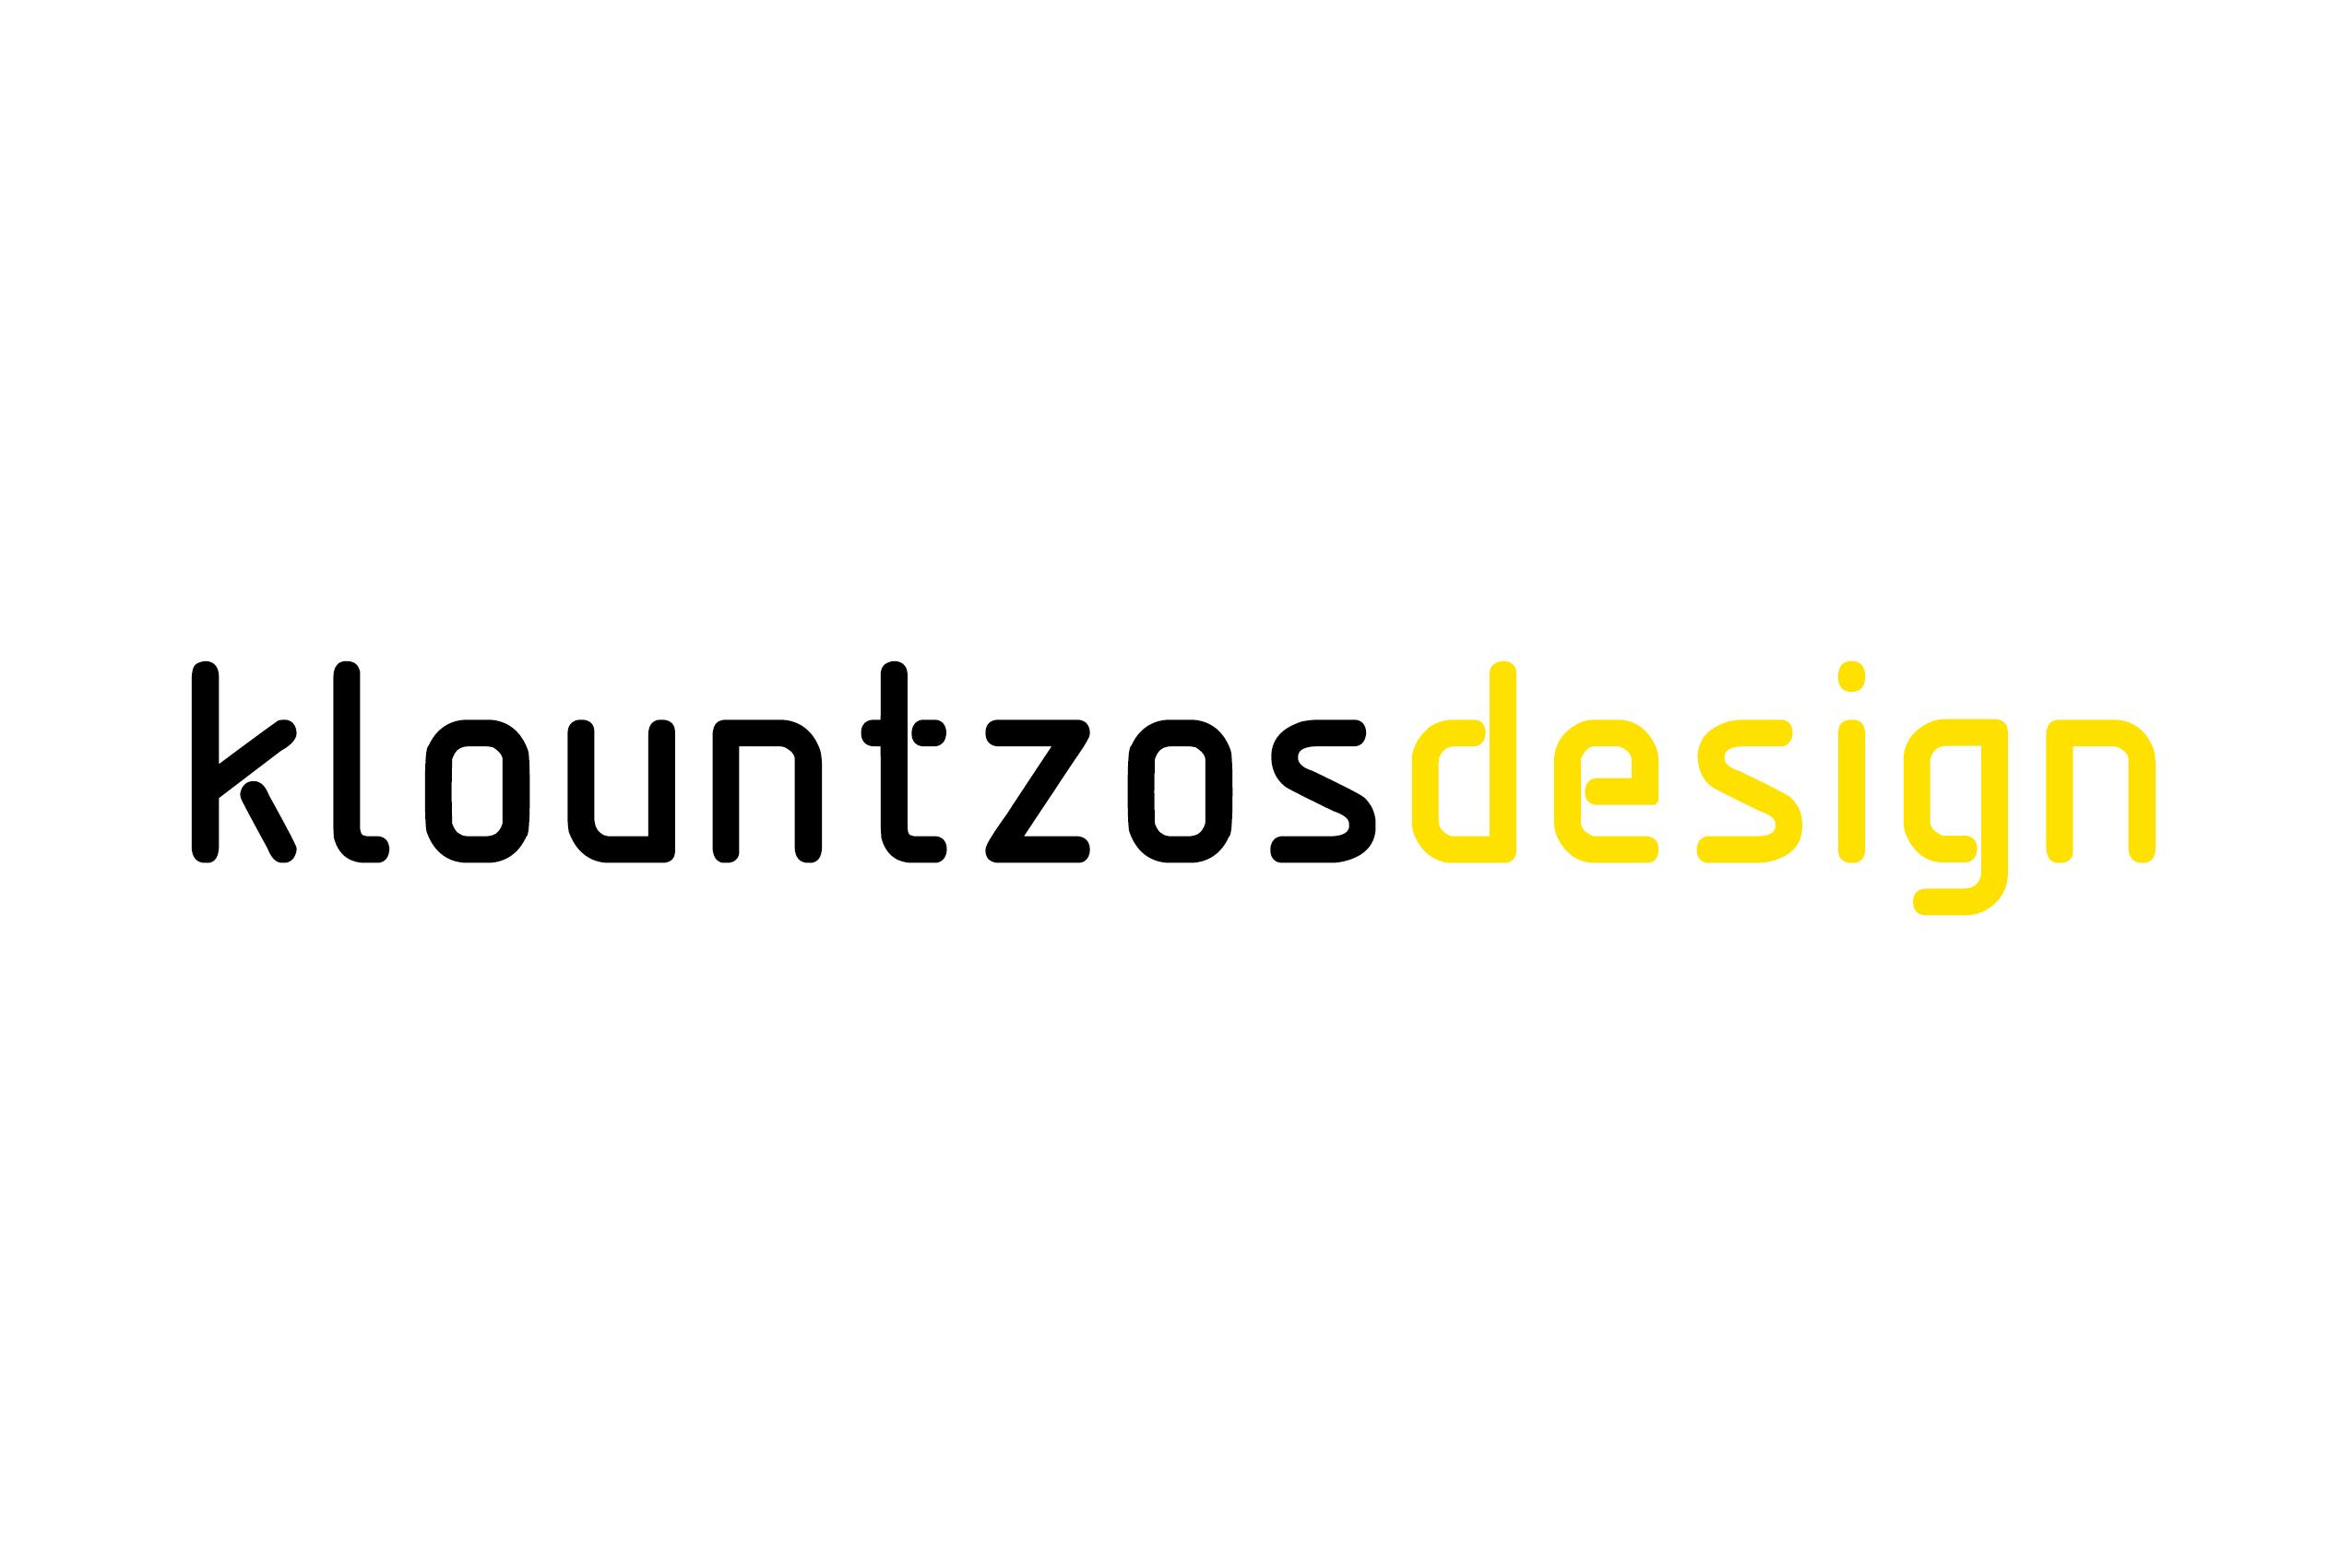 Klountzos design by Κλουντζός Άγγελος